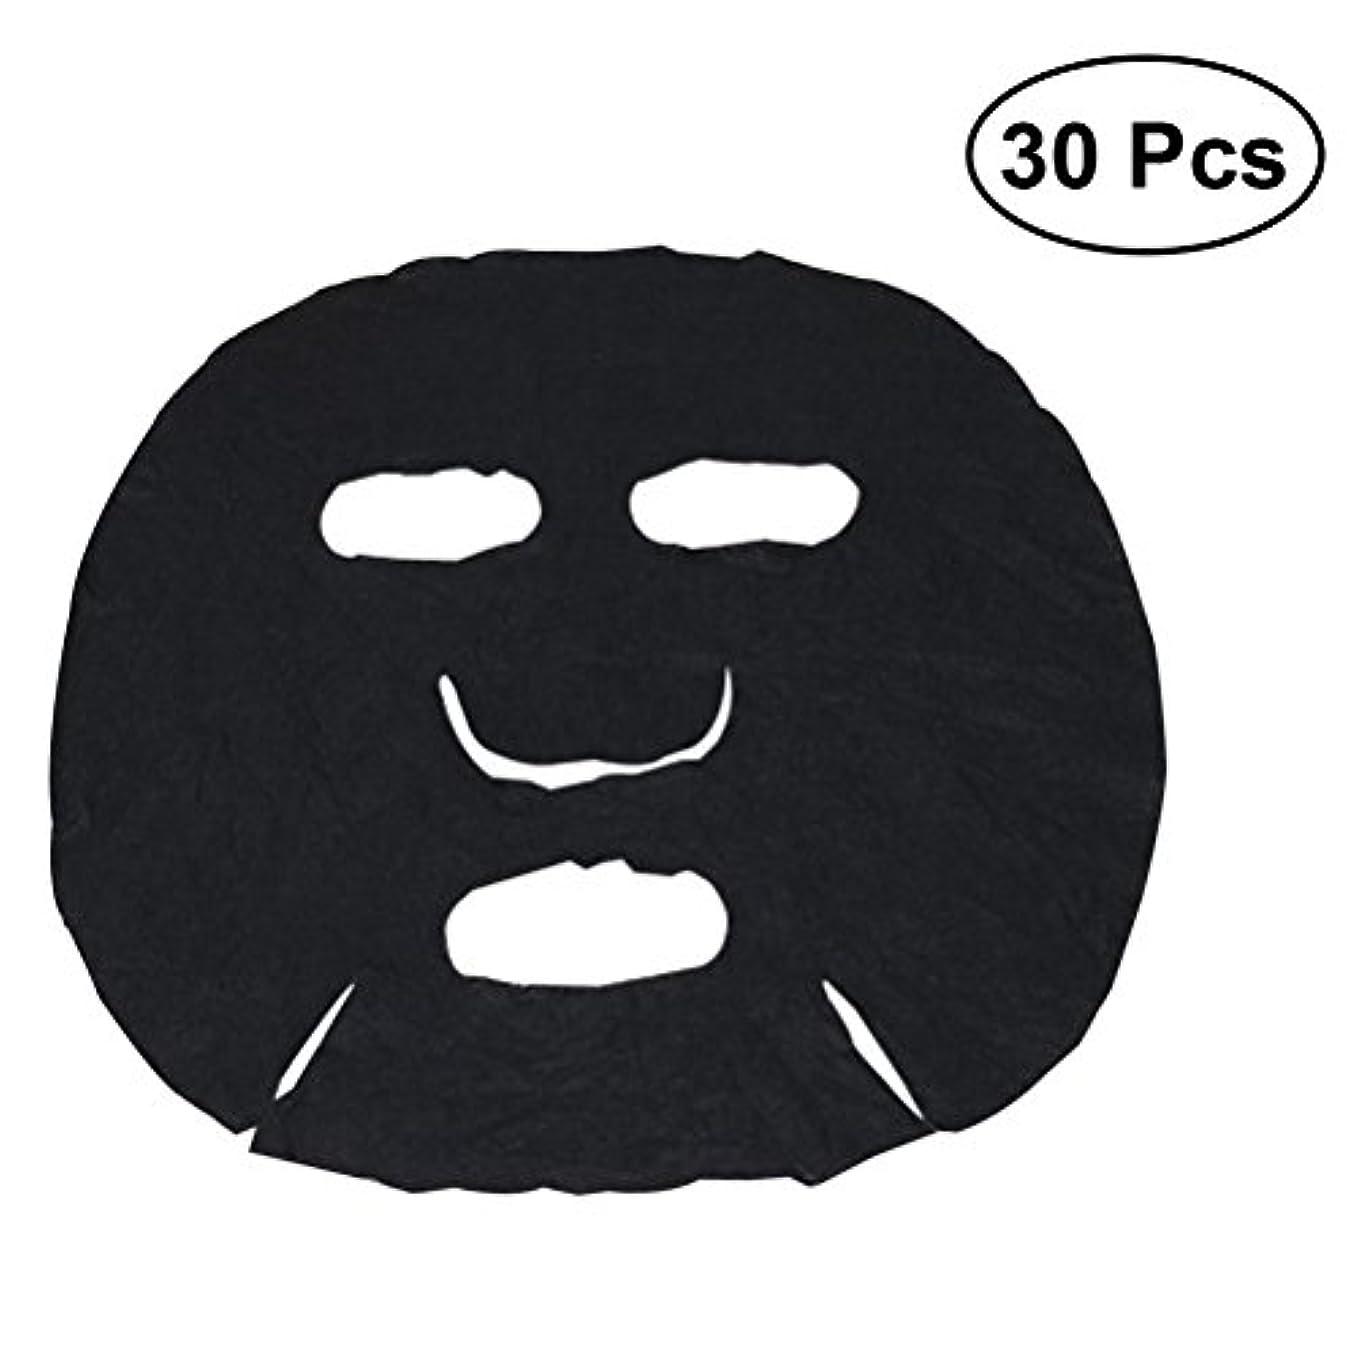 激しい専ら地味なFrcolor 圧縮マスク 圧縮フェイスパック 竹炭 圧縮マスクシート スキンケア DIY 30枚入り 携帯便利 使い捨て